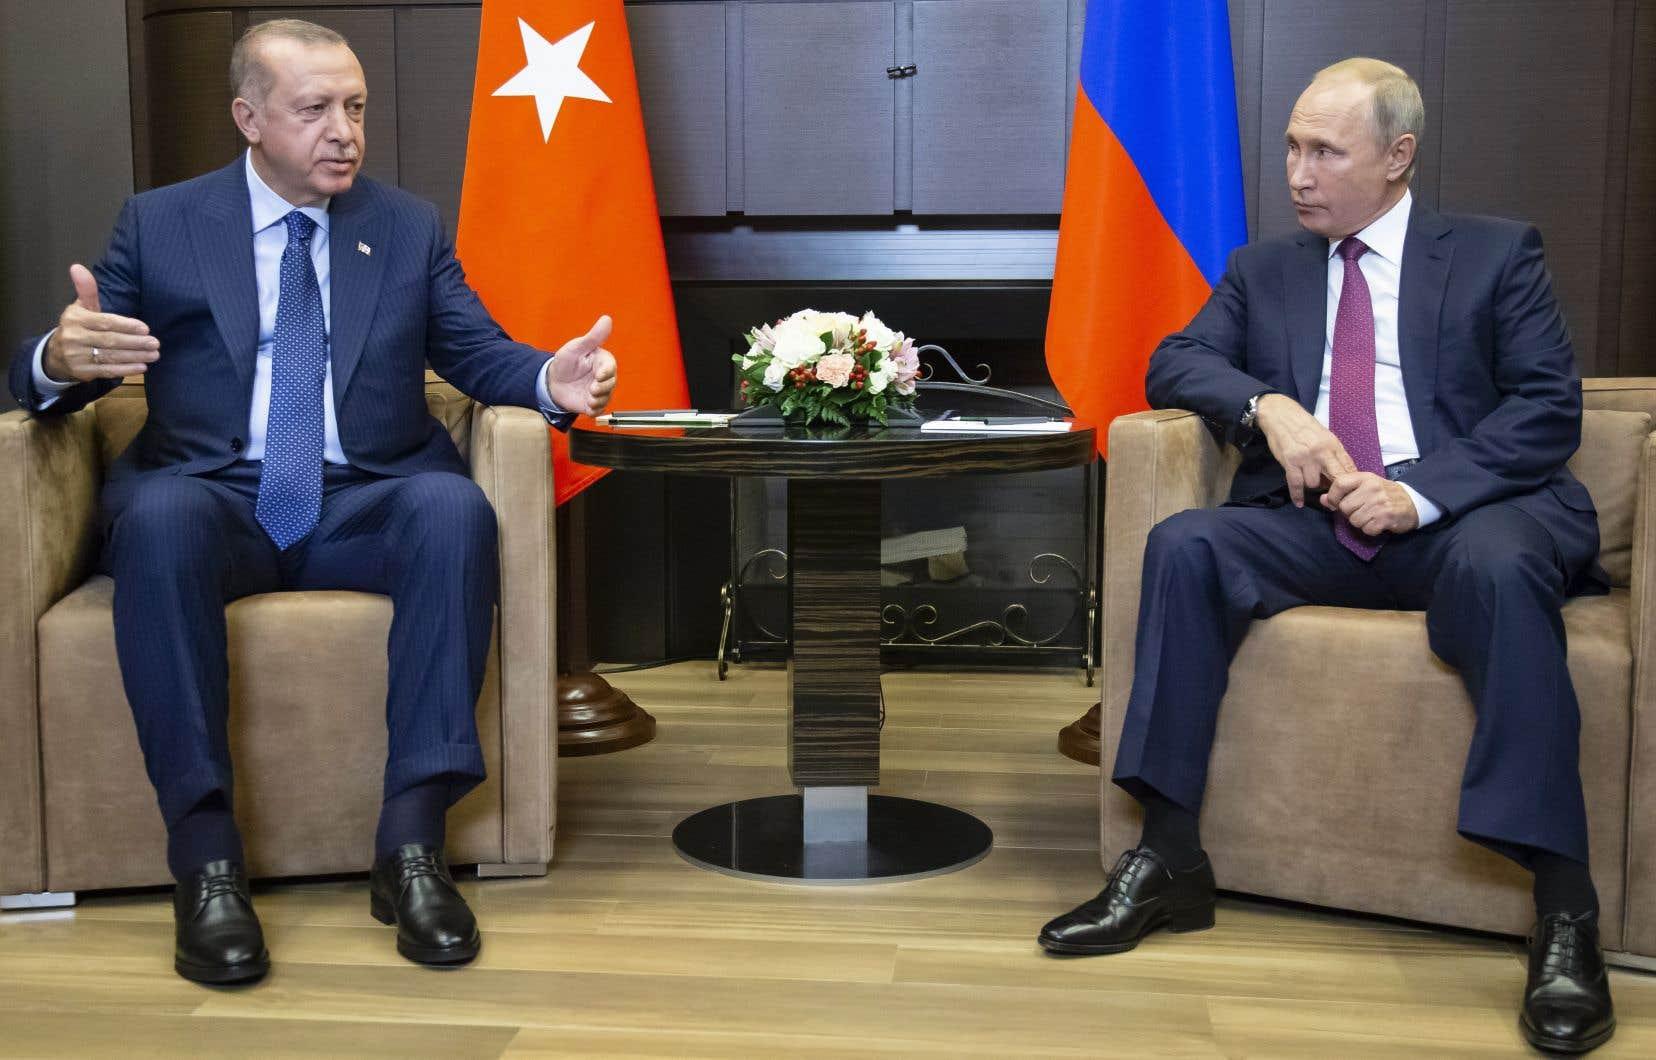 Les deux chefs d'État, dont les pays sont des acteurs clés du conflit syrien, se sont entretenus pendant plus de quatre heures à huis clos dans la station balnéaire de Sotchi, sur la mer Noire.